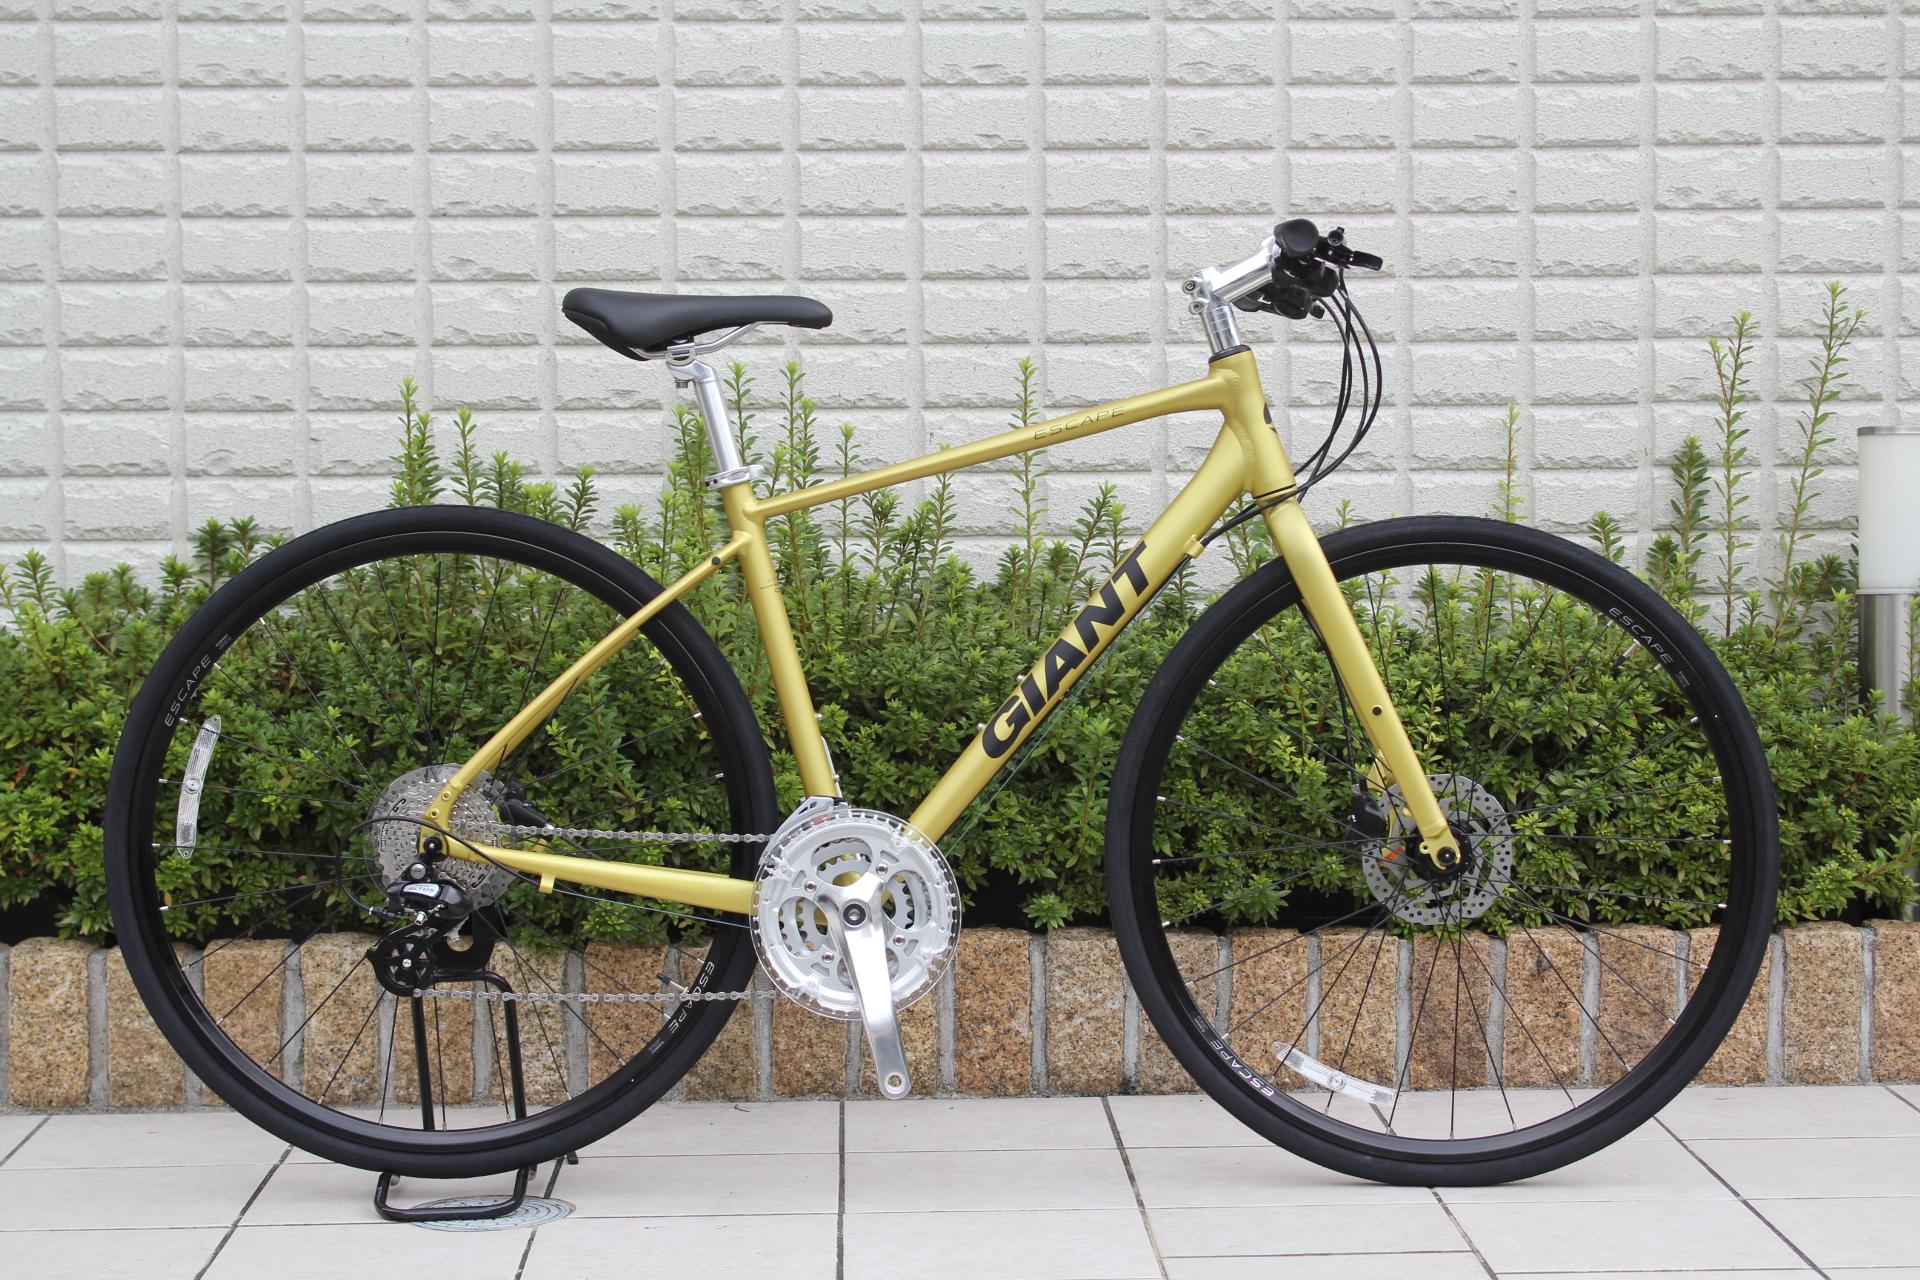 2020 GIANT『ESCAPE R DISC』クロスバイクの定番R3の油圧ディスクモデル